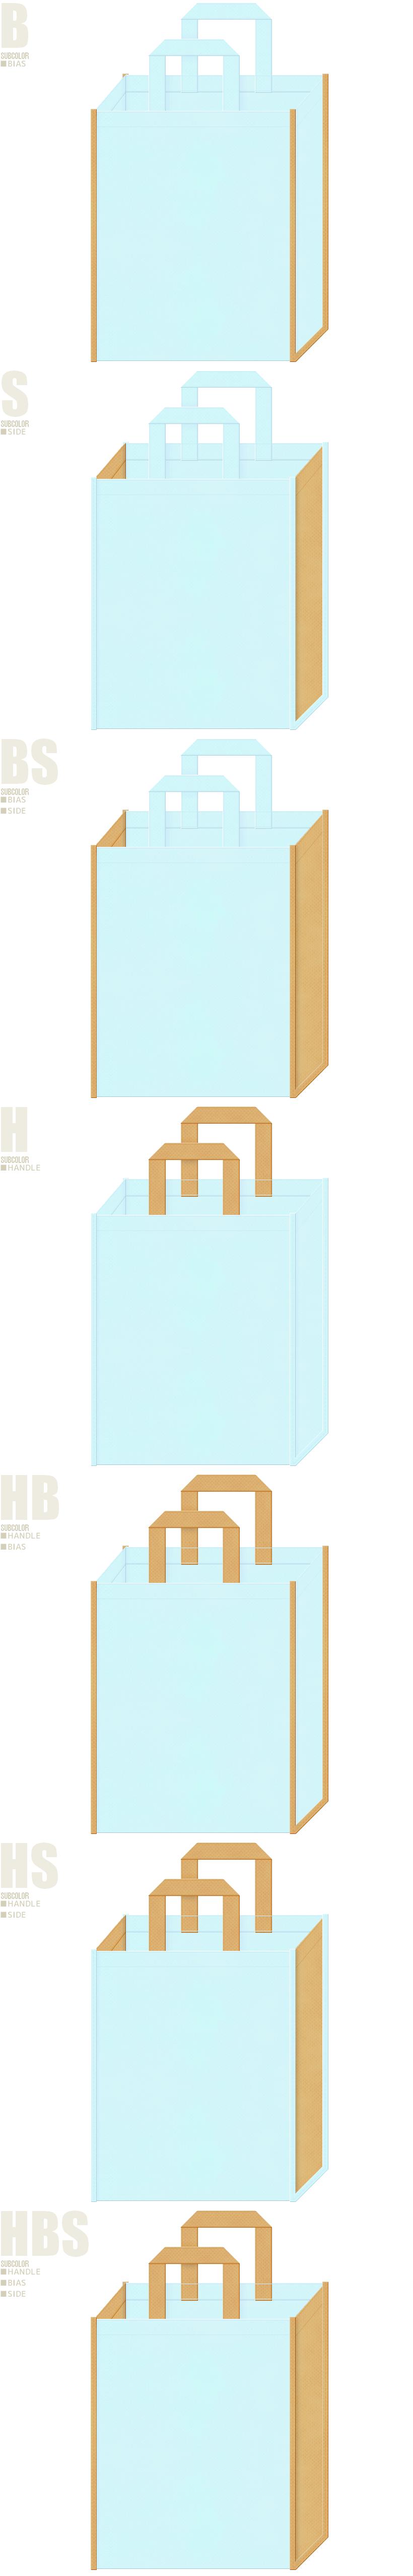 手芸・パピー・ポニー・ぬいぐるみ・木の看板・絵本・おとぎ話・ロールプレイングゲーム・ガーリーデザインの不織布バッグにお奨め:水色と薄黄土色の不織布バッグ配色7パターン。